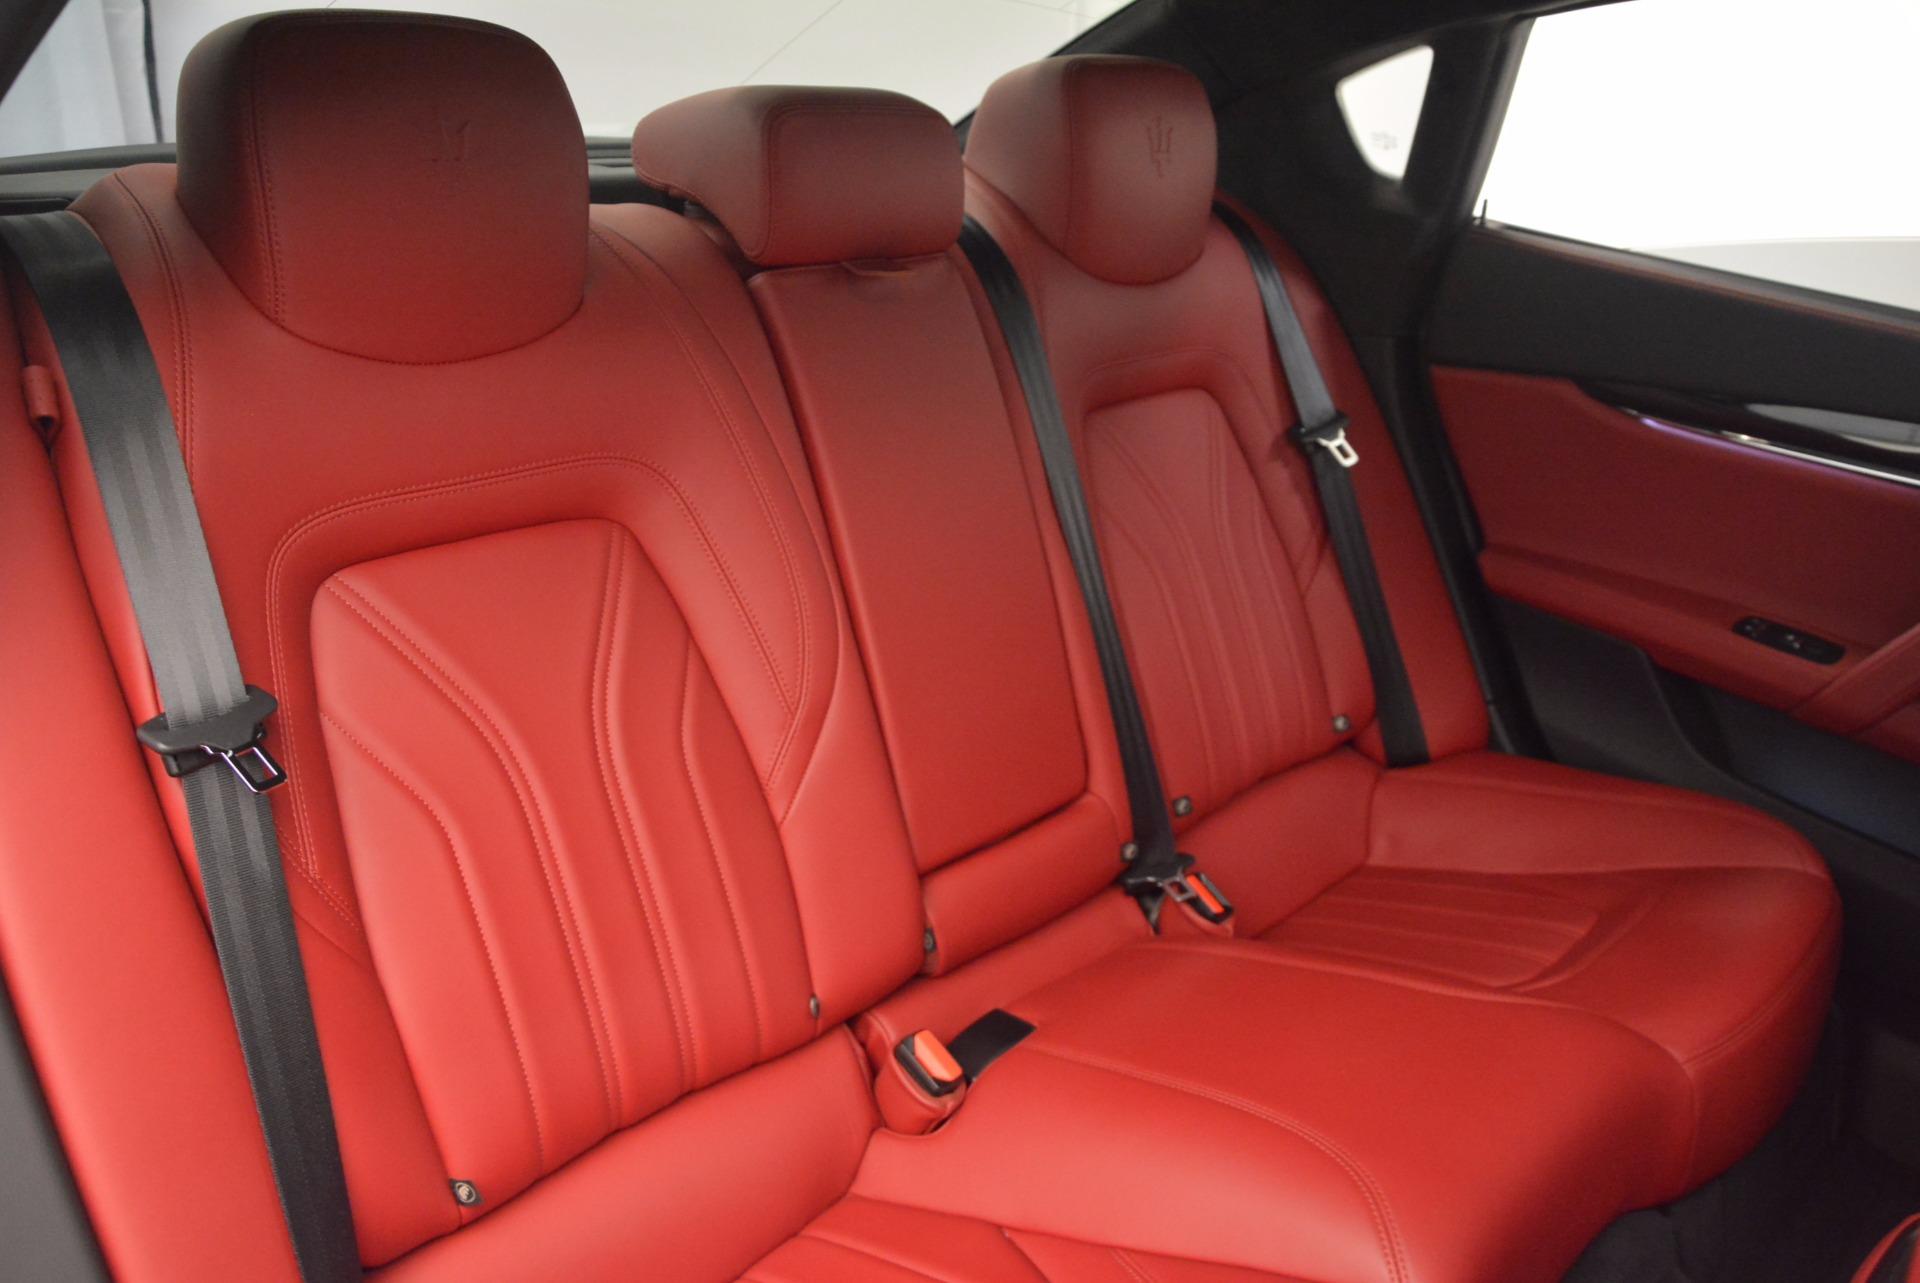 Used 2015 Maserati Quattroporte S Q4 For Sale In Westport, CT 809_p23